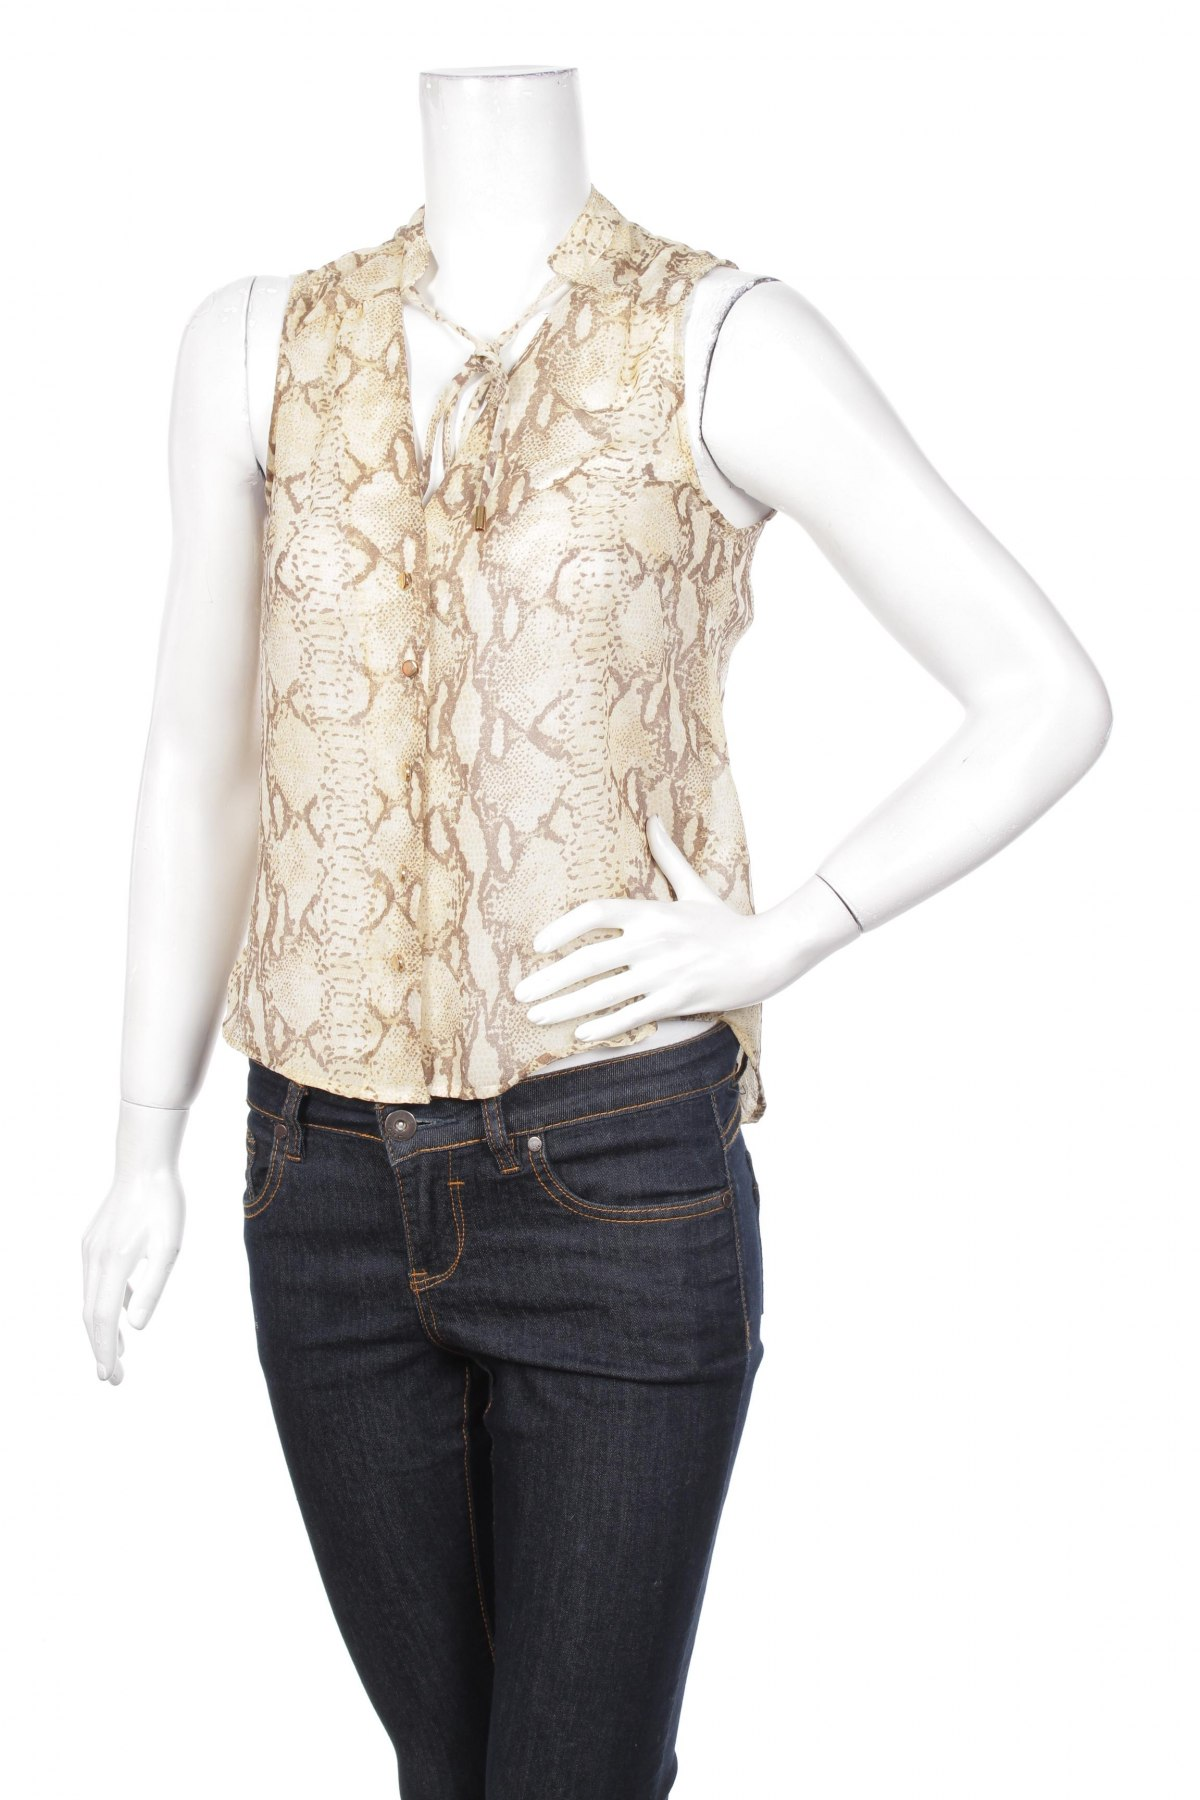 Γυναικείο πουκάμισο H&M, Μέγεθος XS, Χρώμα  Μπέζ, Πολυεστέρας, Τιμή 9,28€